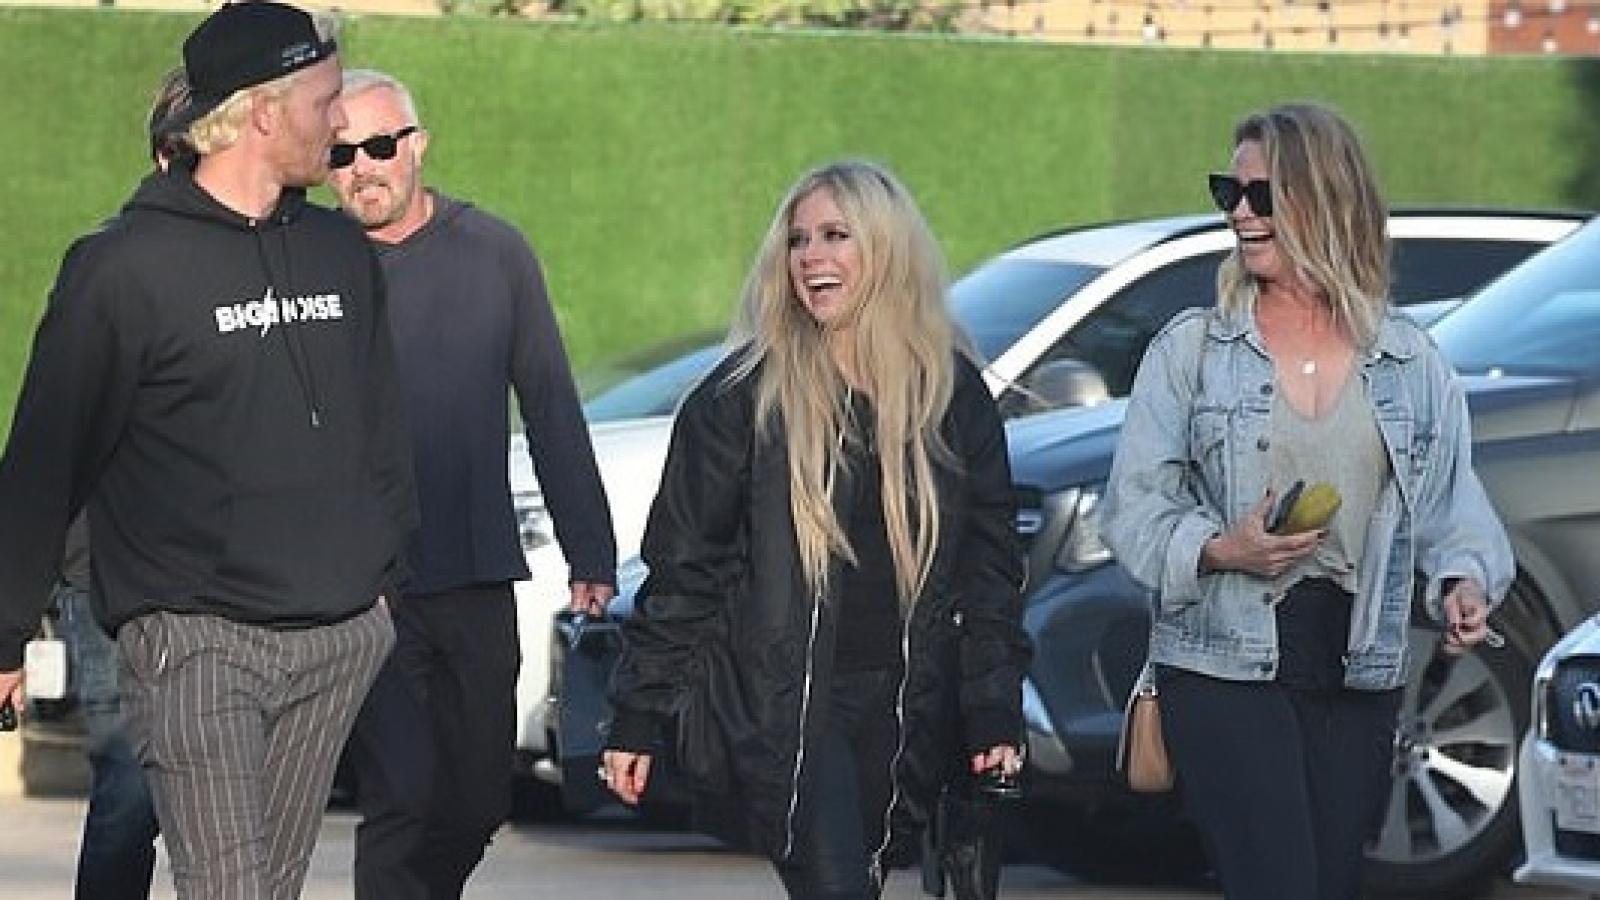 Vắng tình mới, Avril Lavigne giản dị đi chơi tối cùng bạn bè